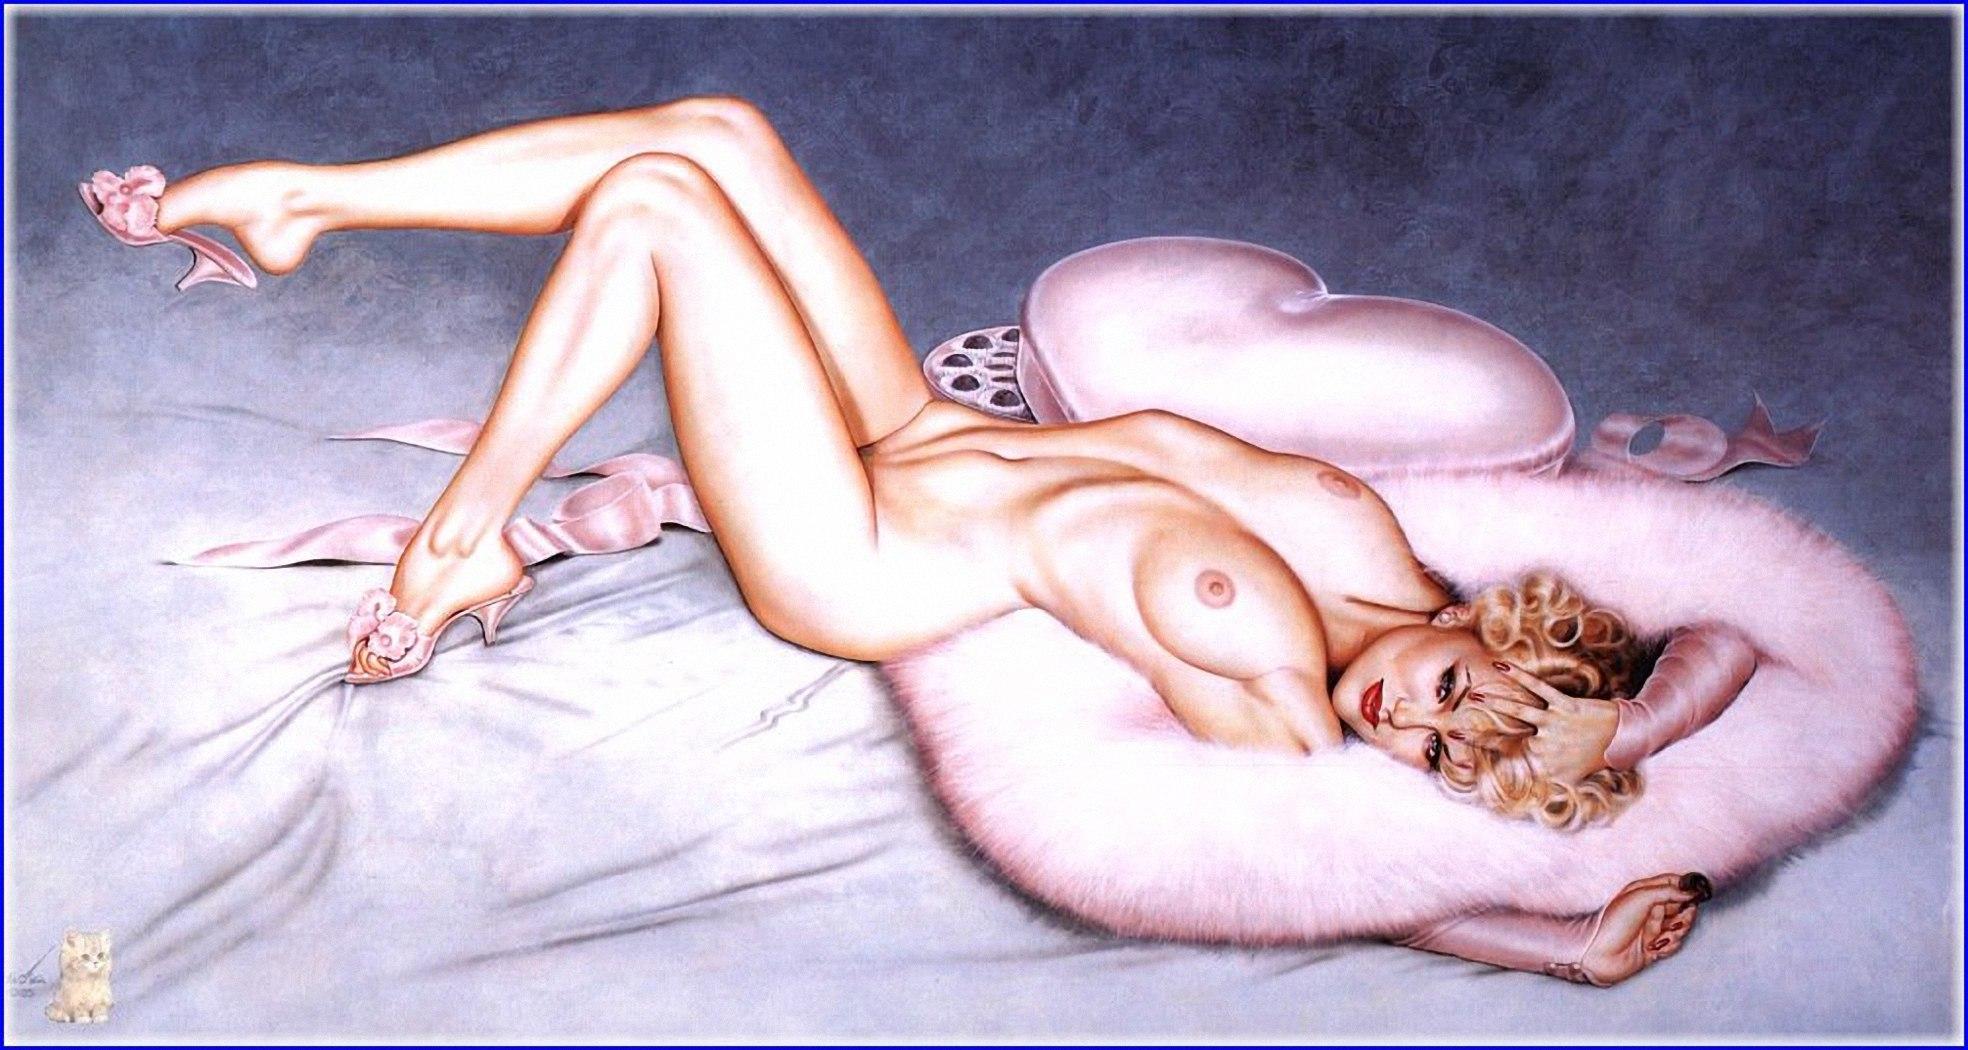 Художник рисует голую девушку 17 фотография